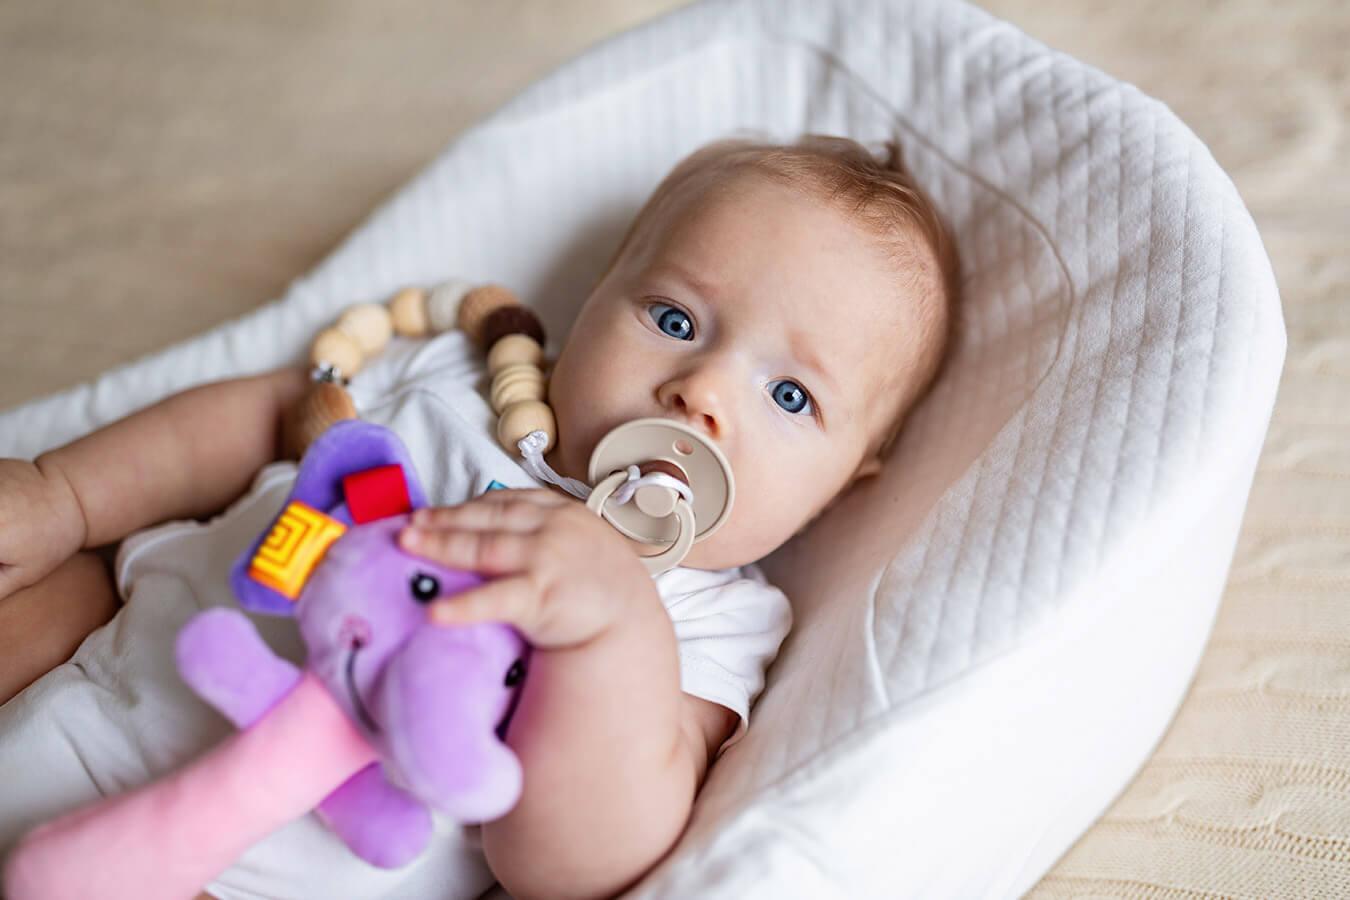 13 tygodniowe dziecko – Jak wygląda 13 tydzień życia dziecka?